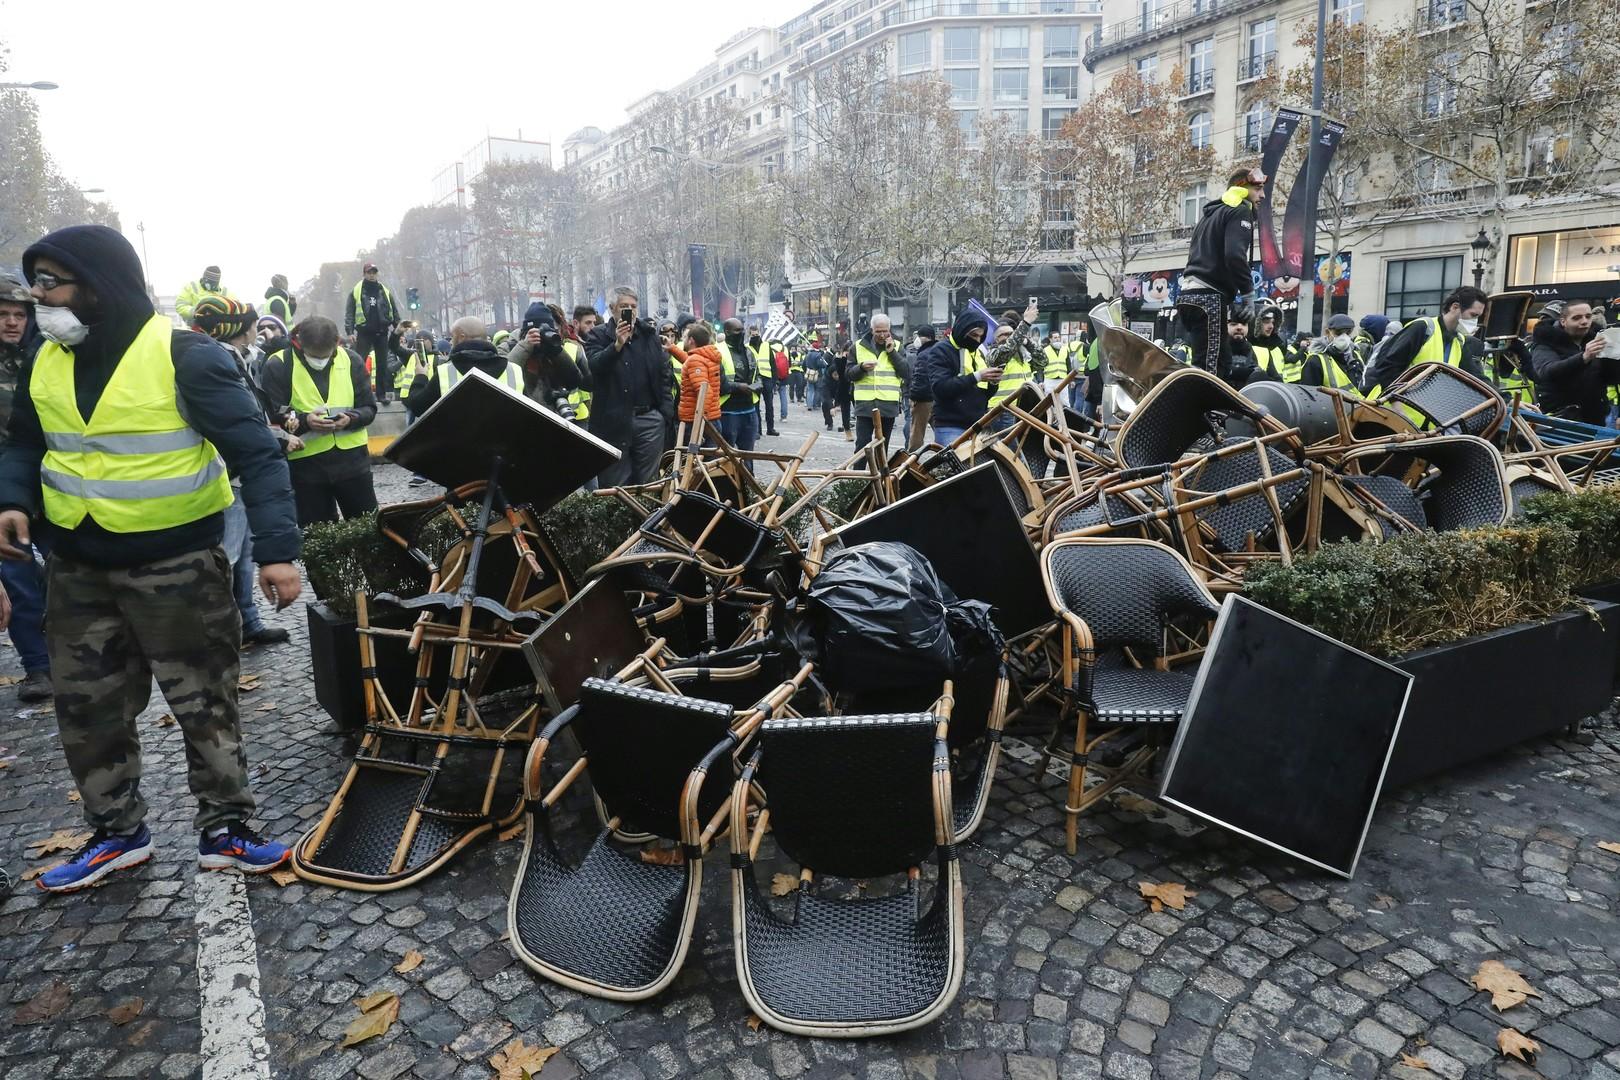 foto de Acte 2 du mouvement des Gilets jaunes : la mobilisation amenée à se prolonger Un peu d'air frais